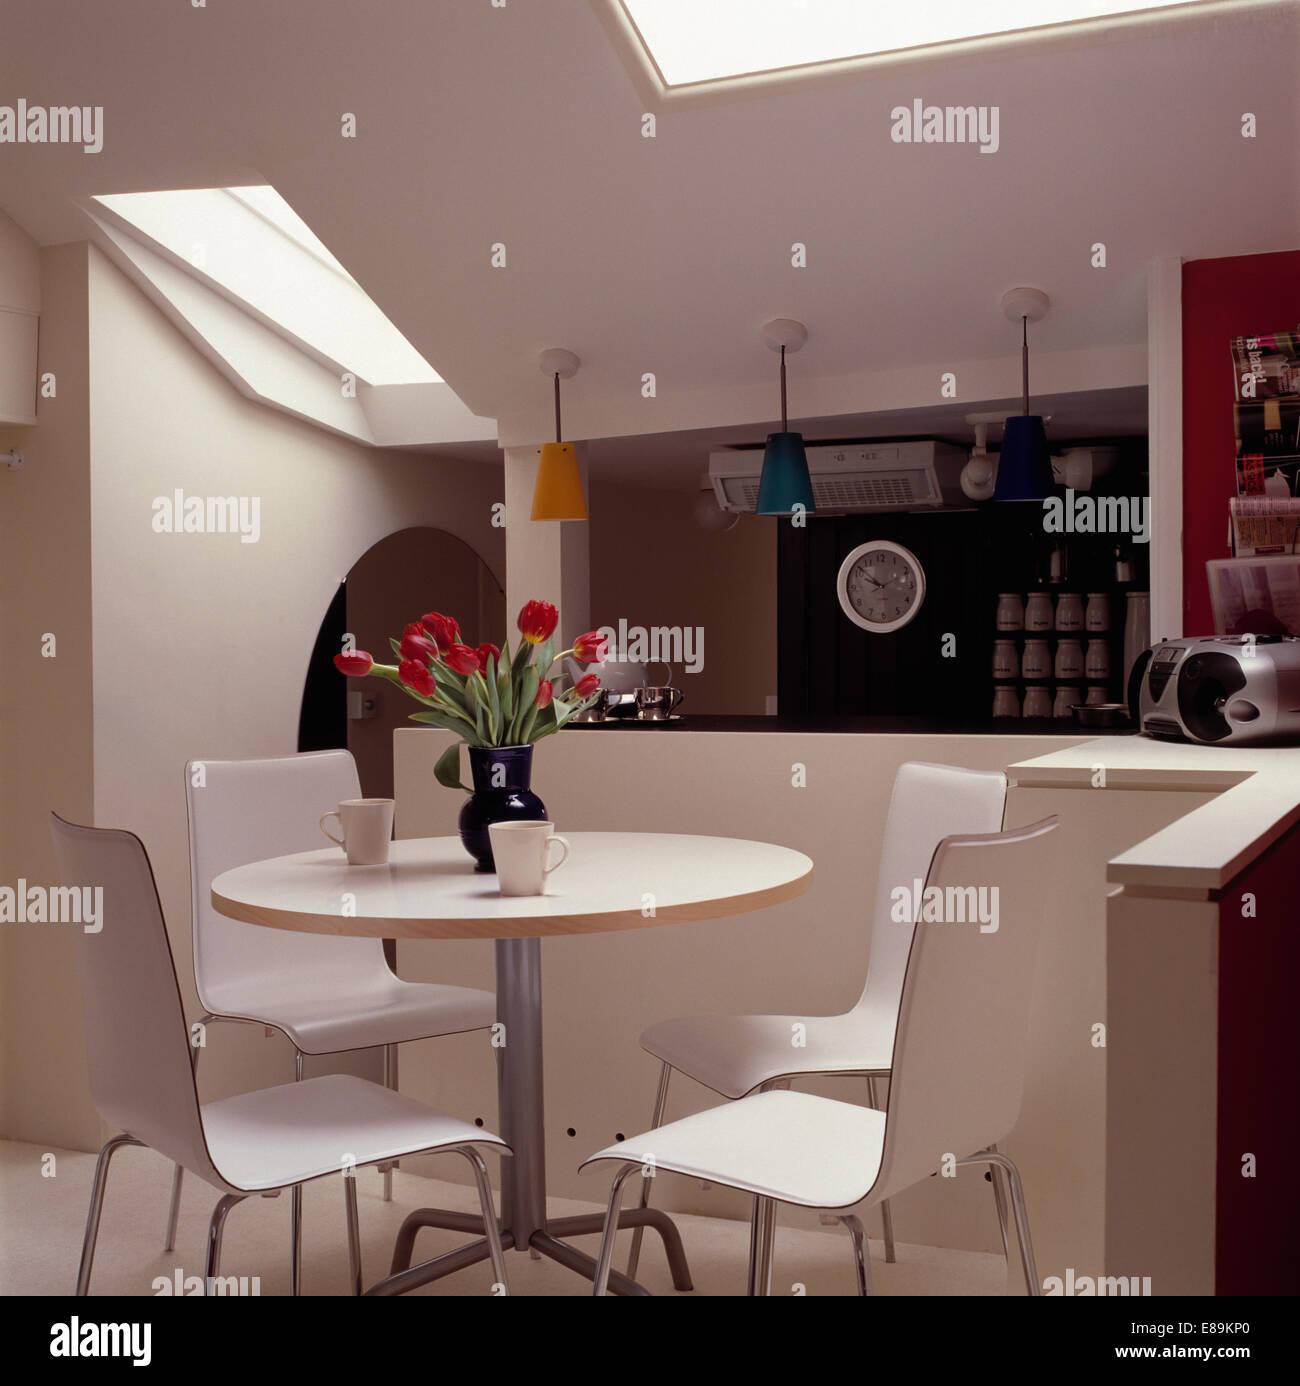 Sillas blancas y circular de mesa de comedor de loft moderno ...